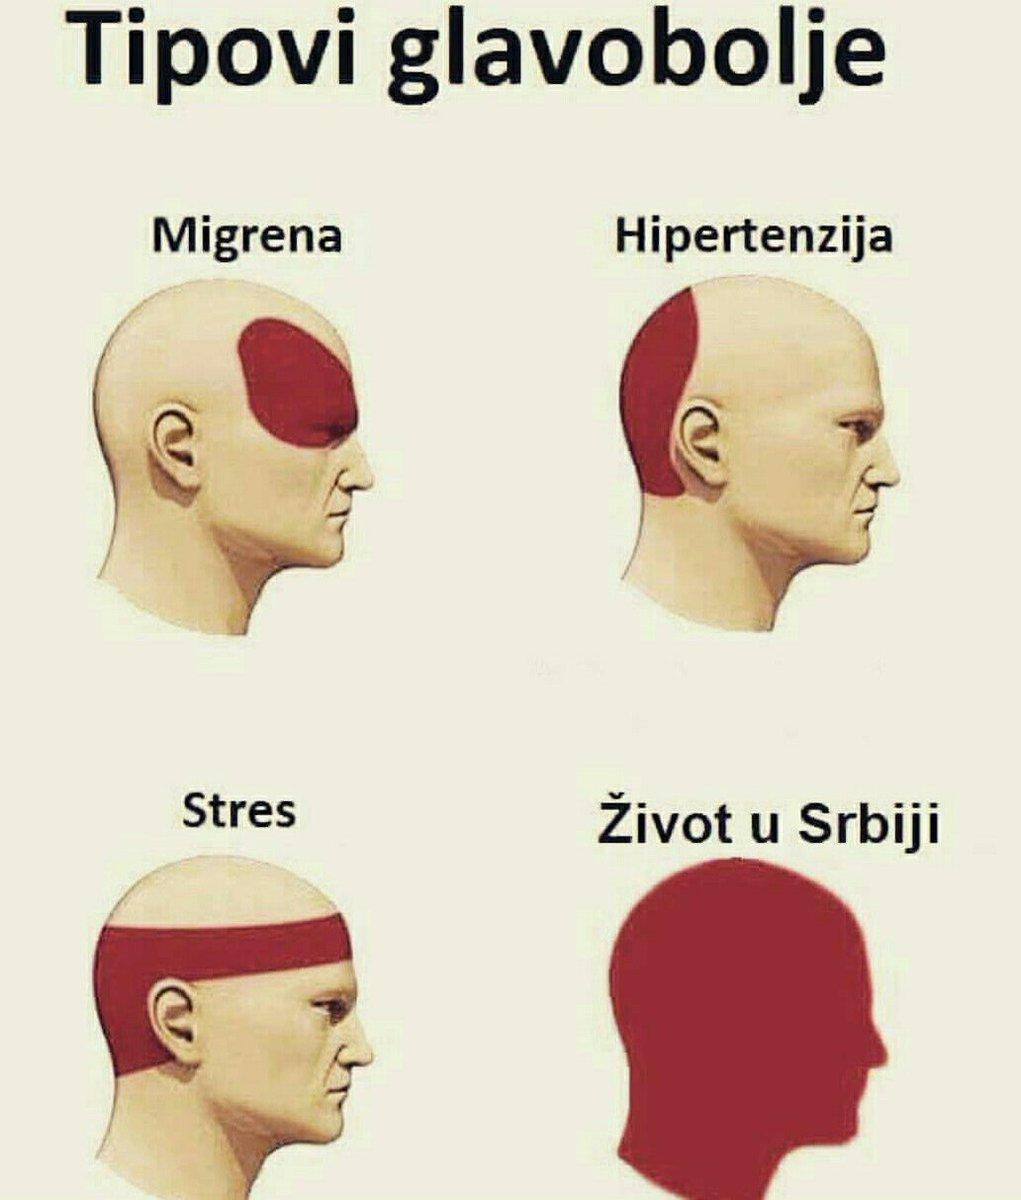 glavobolje, hipertenzije)